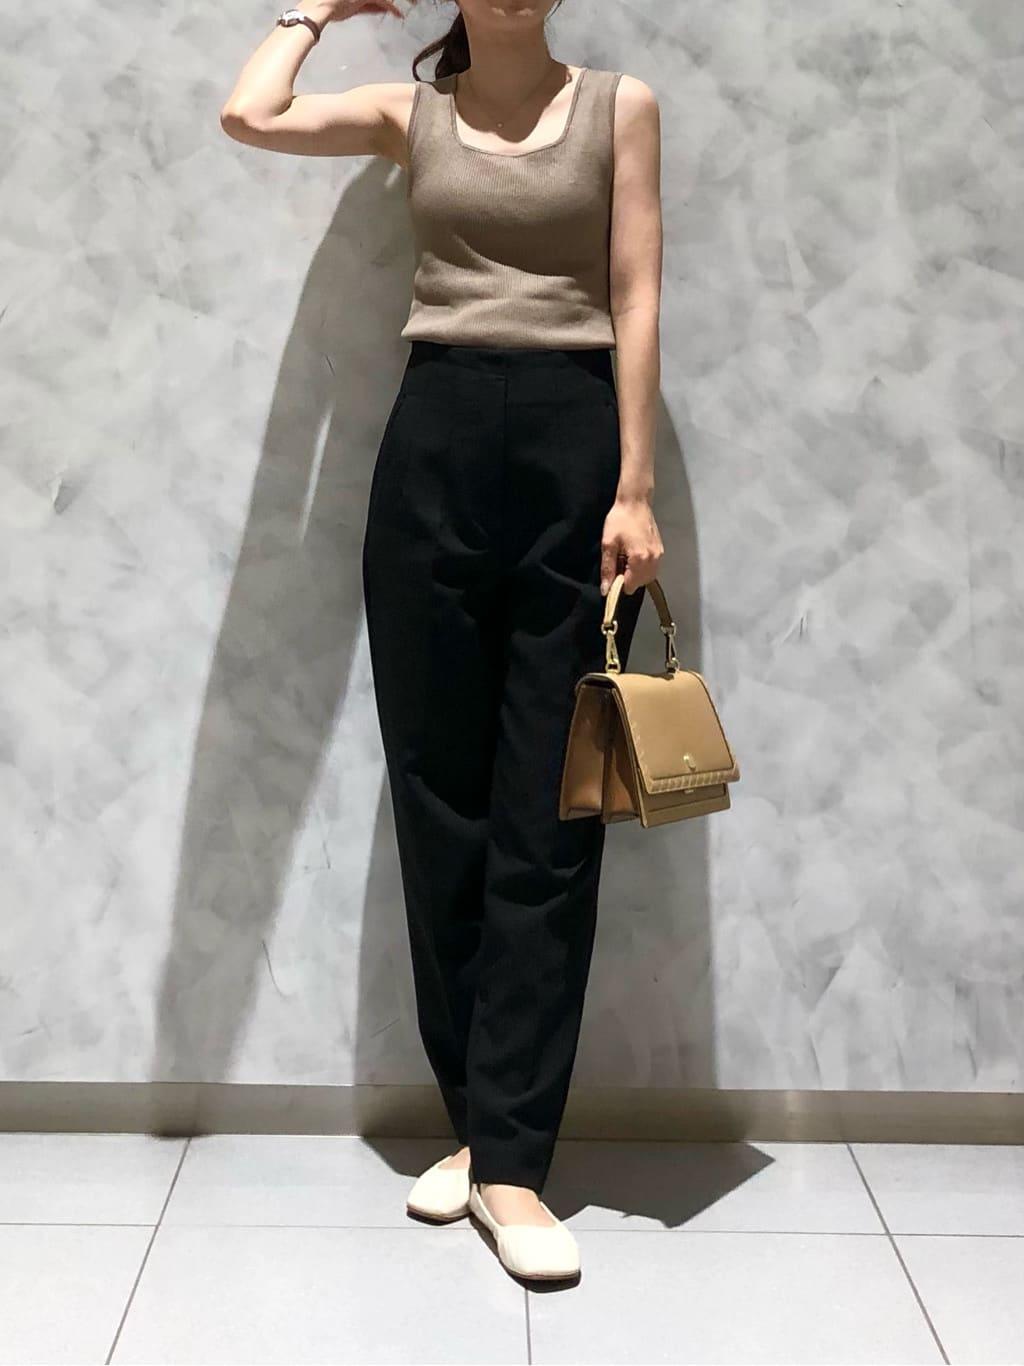 Yuna Watanabe